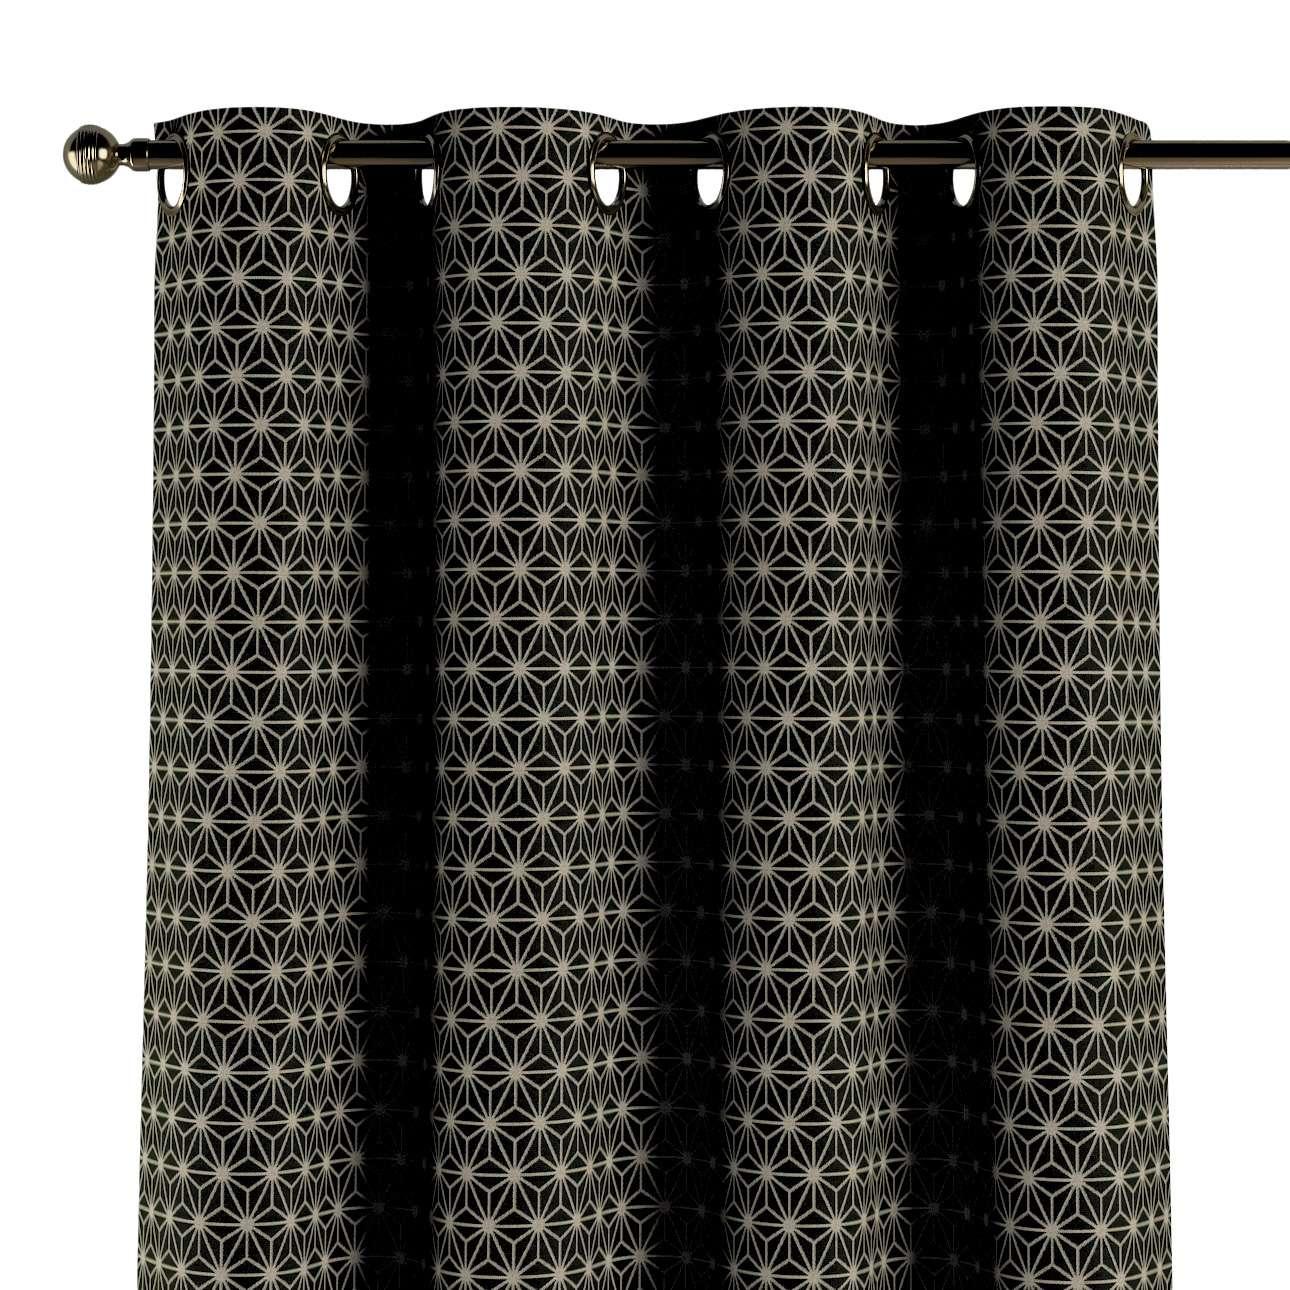 Závěs na kroužcích v kolekci Black & White, látka: 142-56